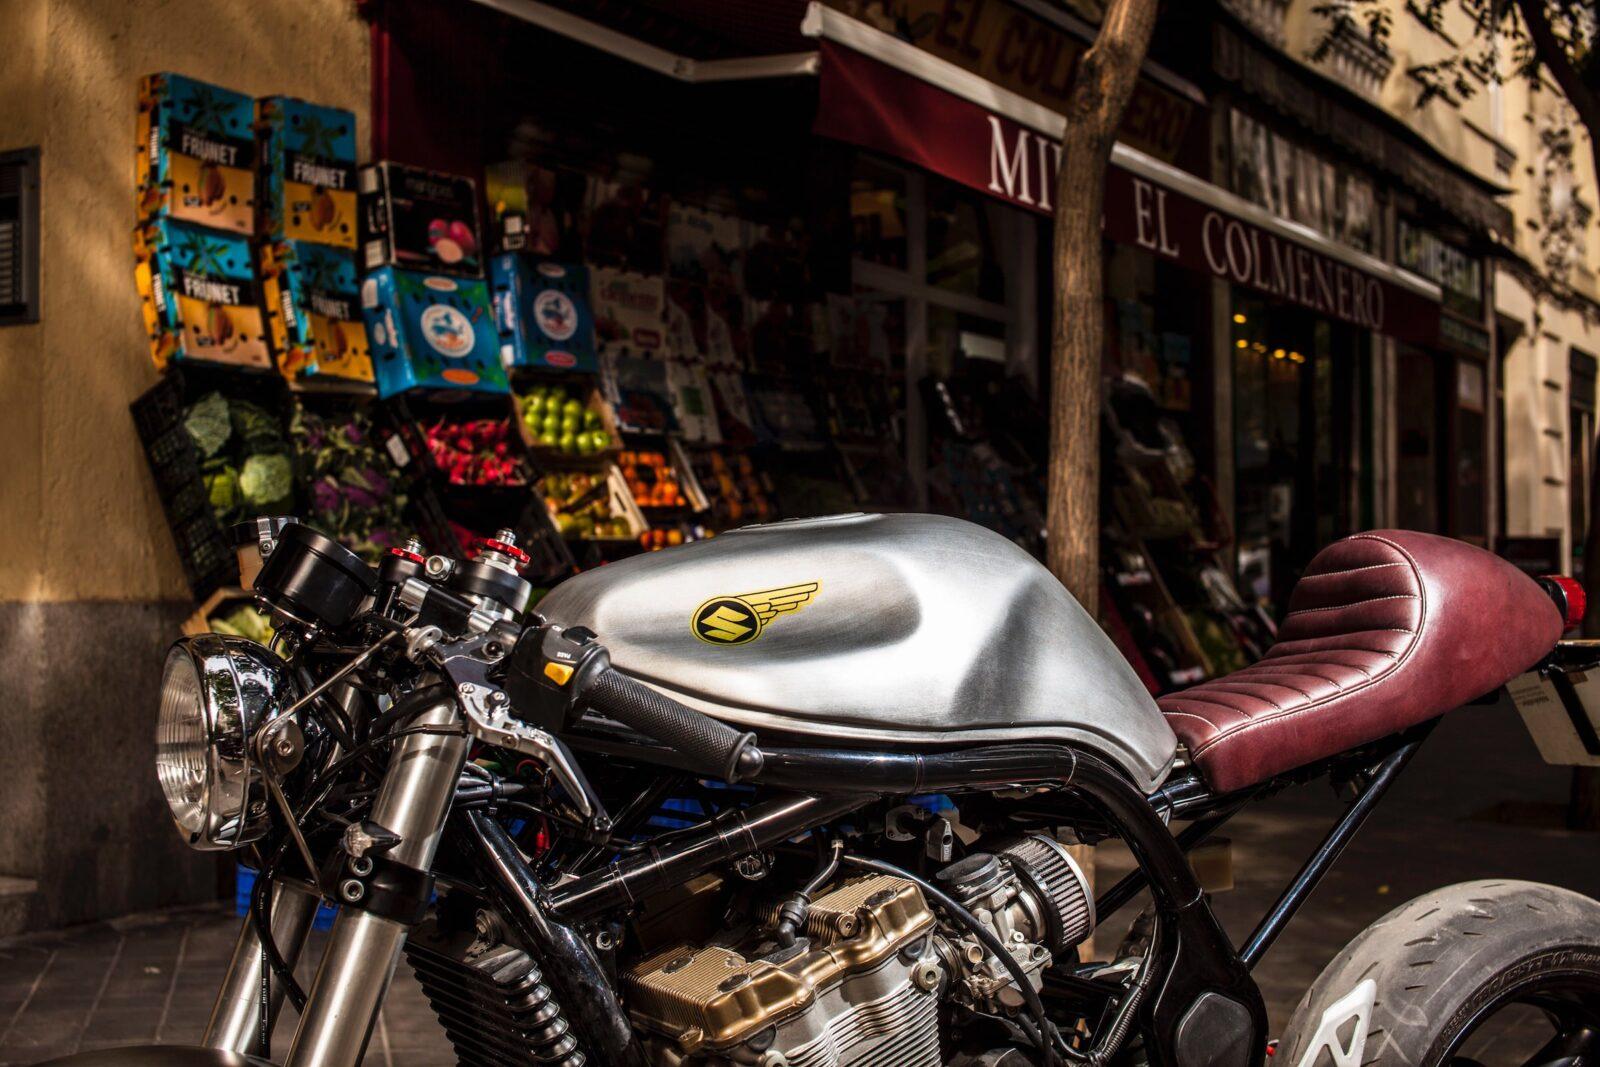 suzuki bandit 600 motorcycle 2 1600x1067 - XTR Pepo Suzuki Bandit 600